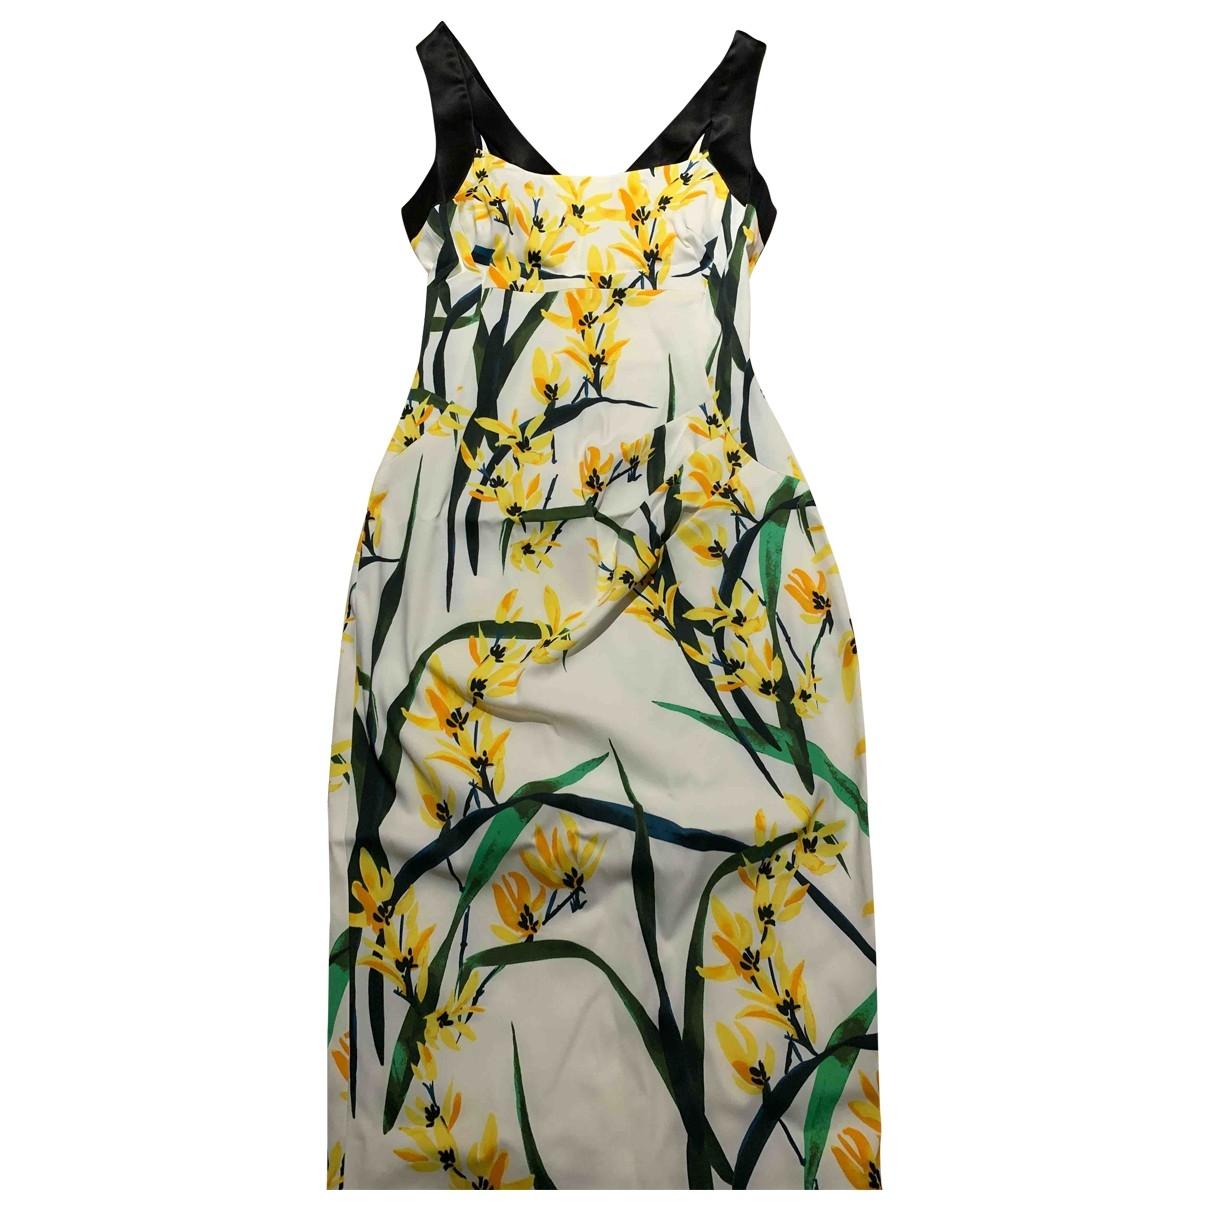 Karen Millen \N White dress for Women 6 UK